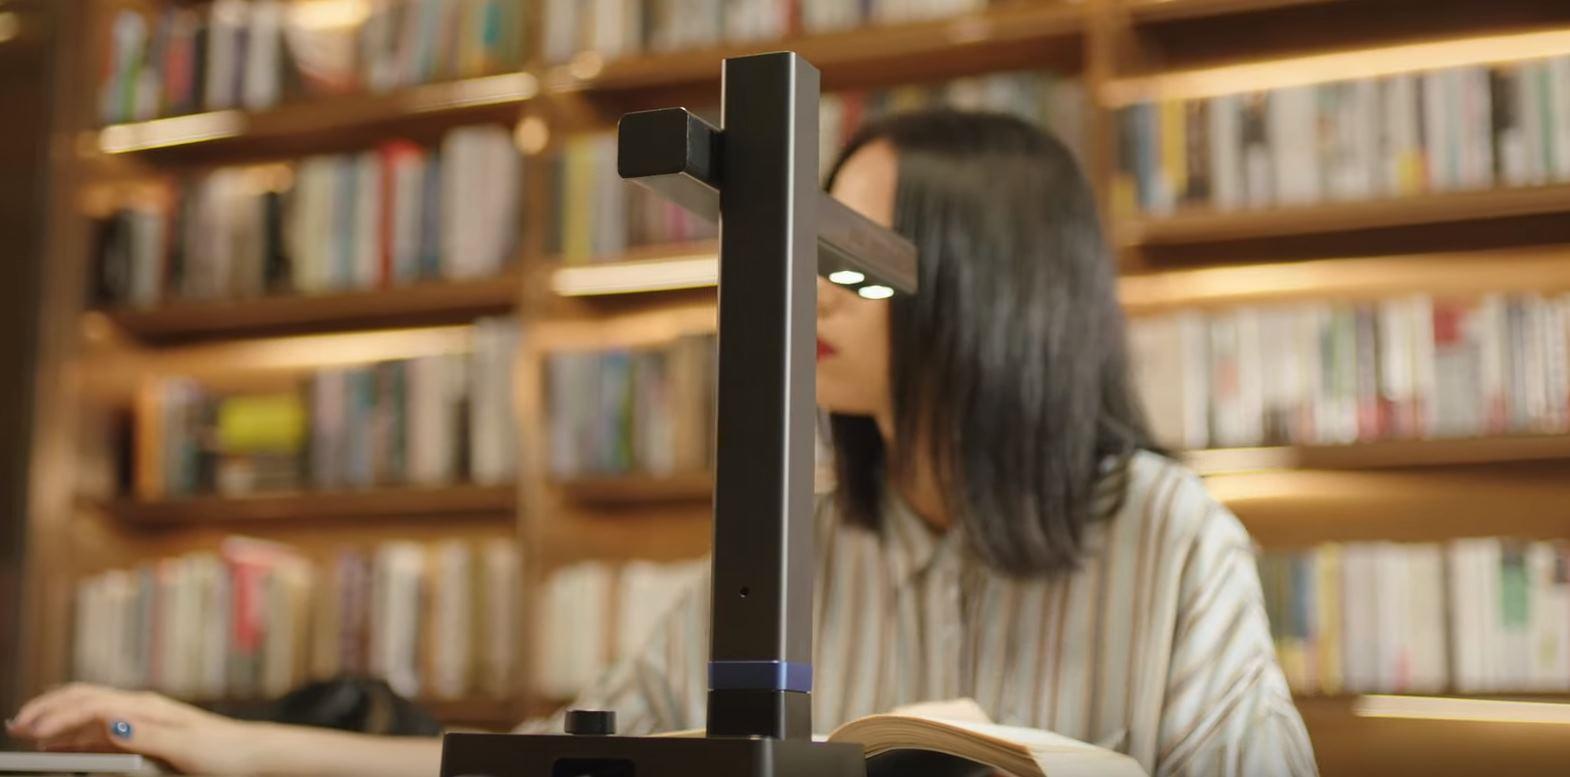 Un impresionante escáner de 100 euros para ahorrar tiempo a la hora de digitalizar documentos